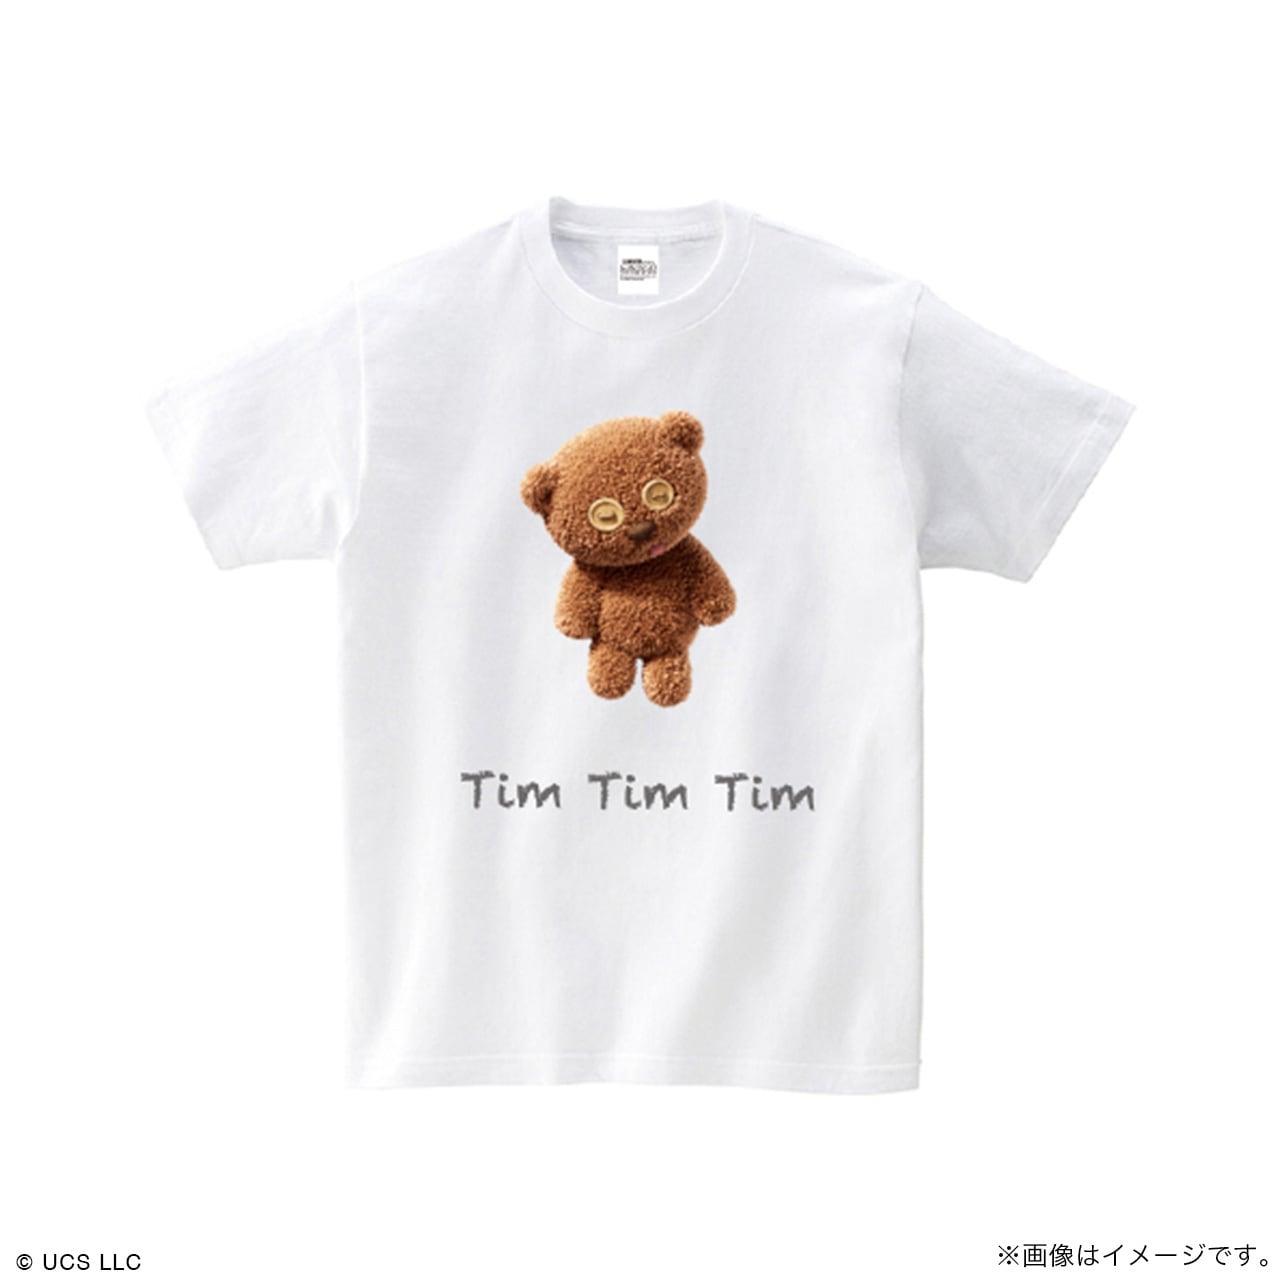 キッズTシャツ/ミニオン(Tim ホワイト)【MINIONS POP UP STORE 限定】